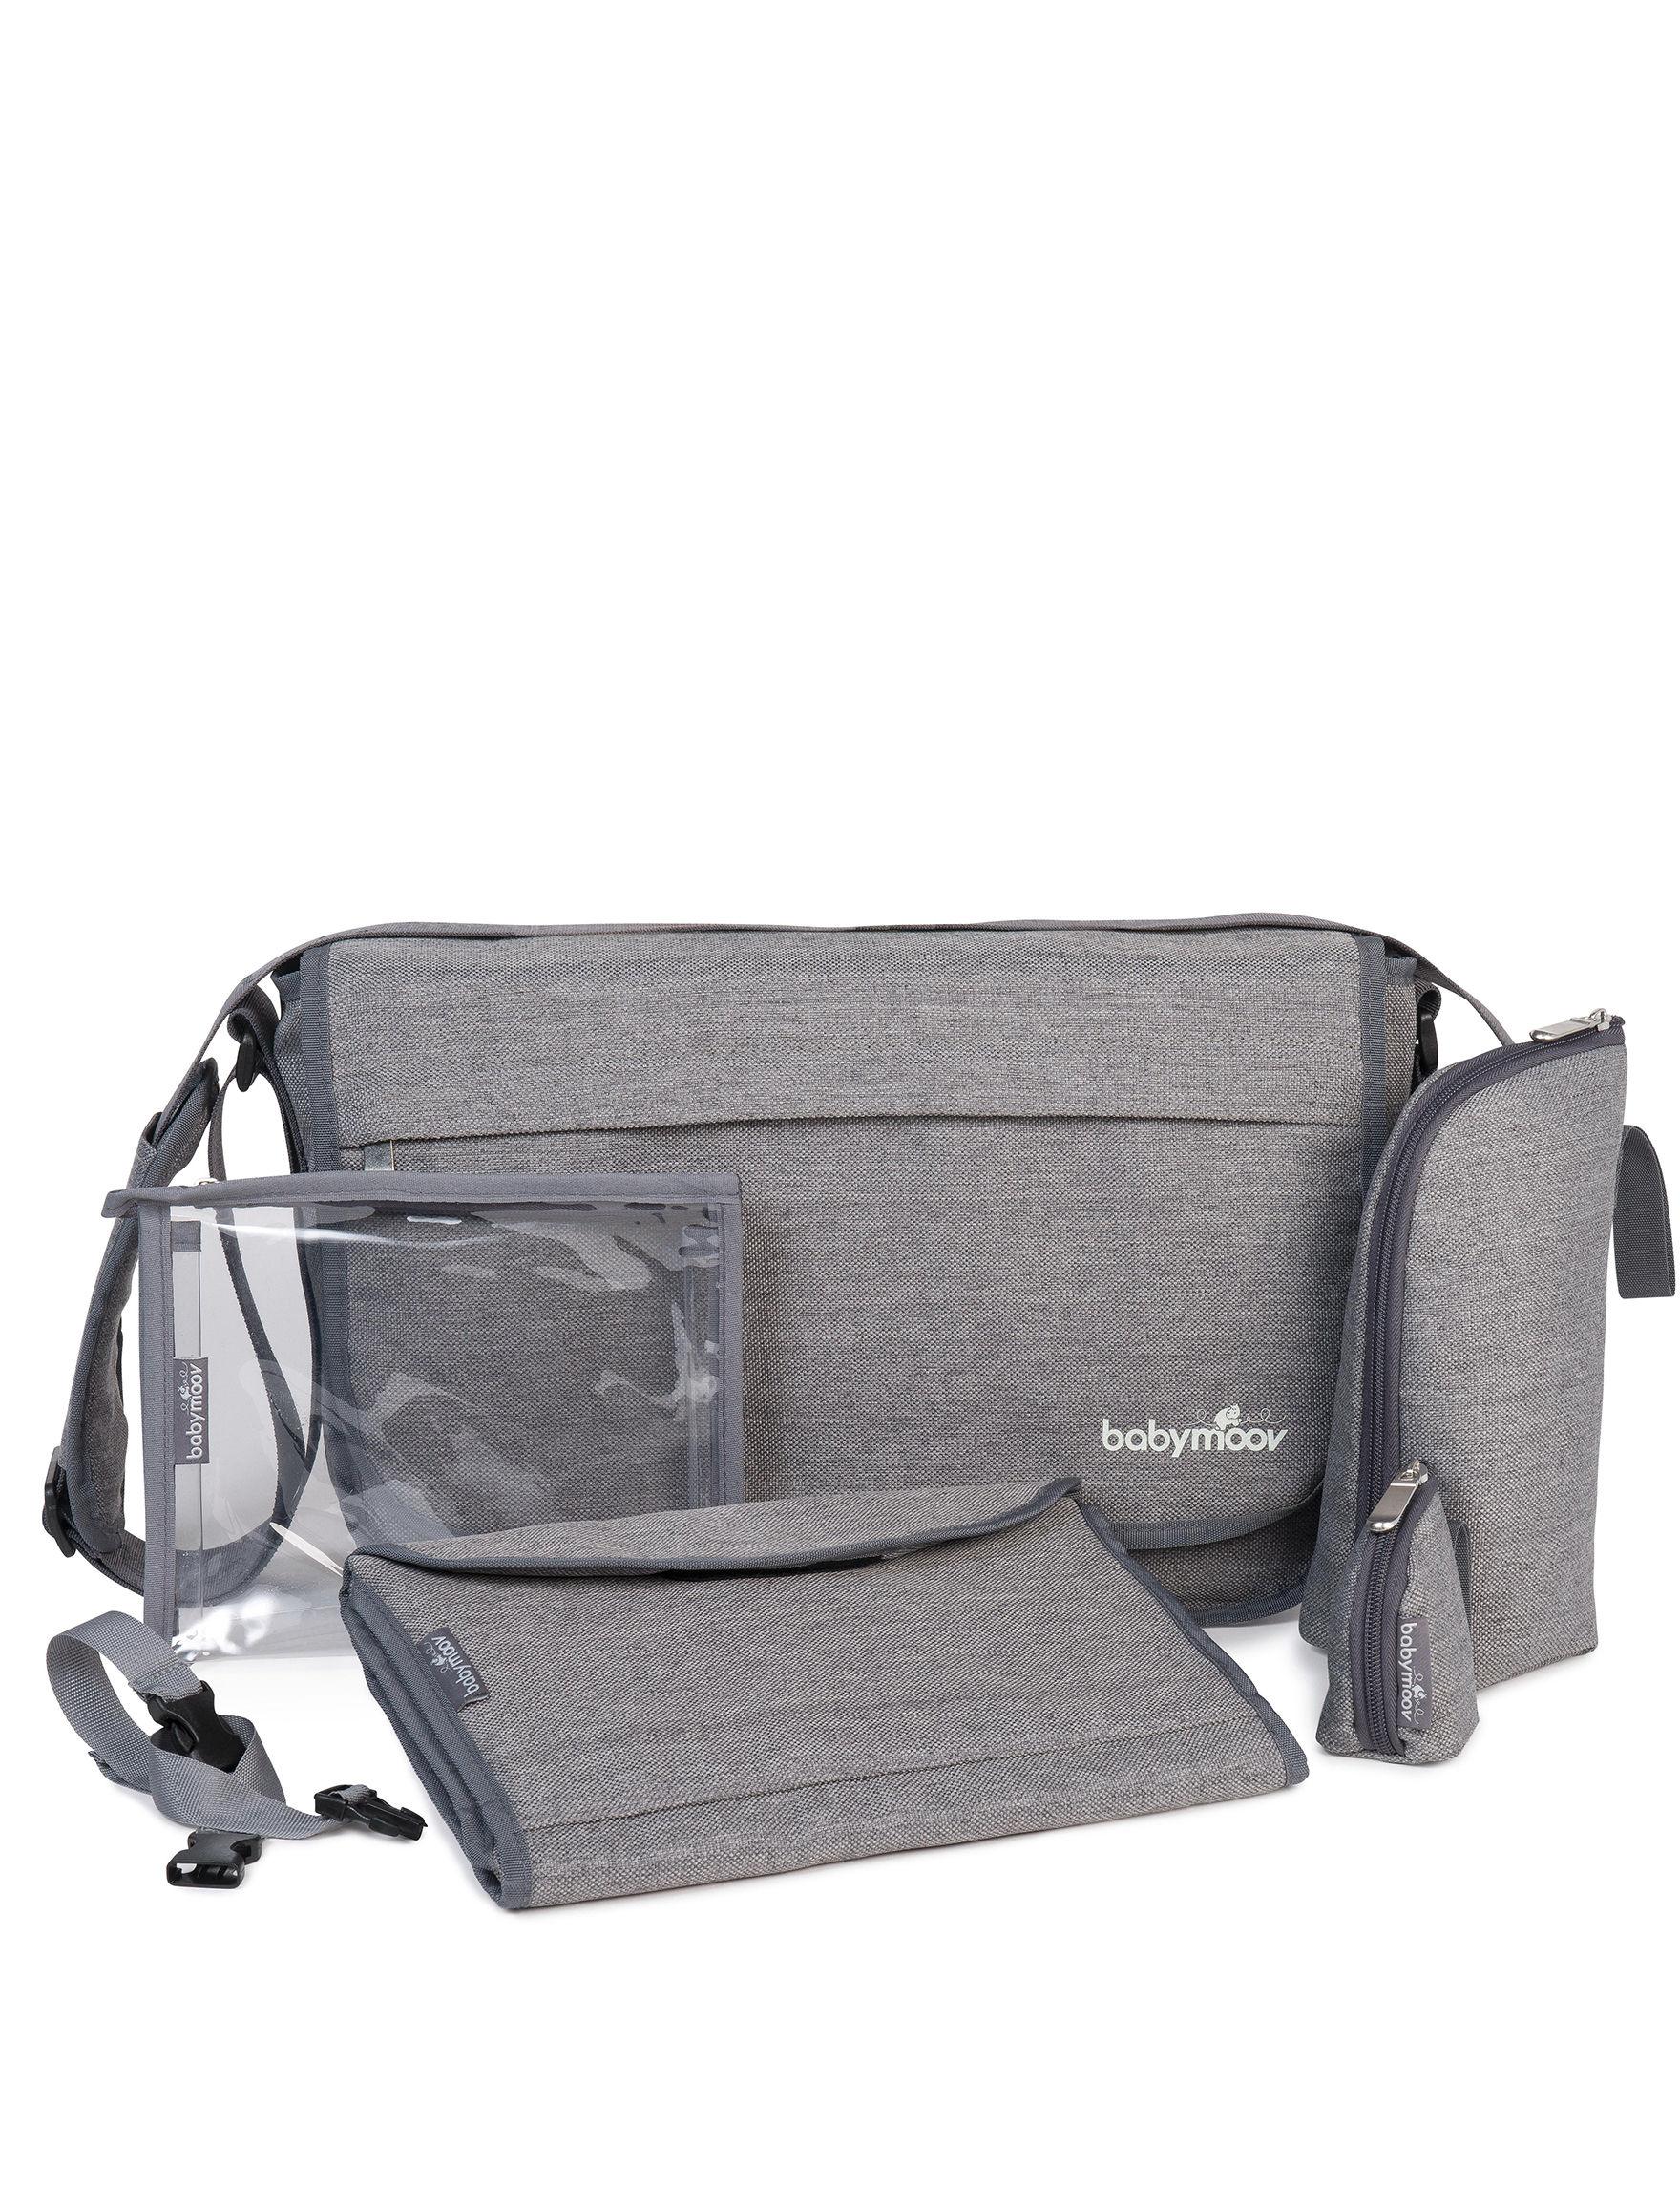 Babymoov Smoke Diaper Bags